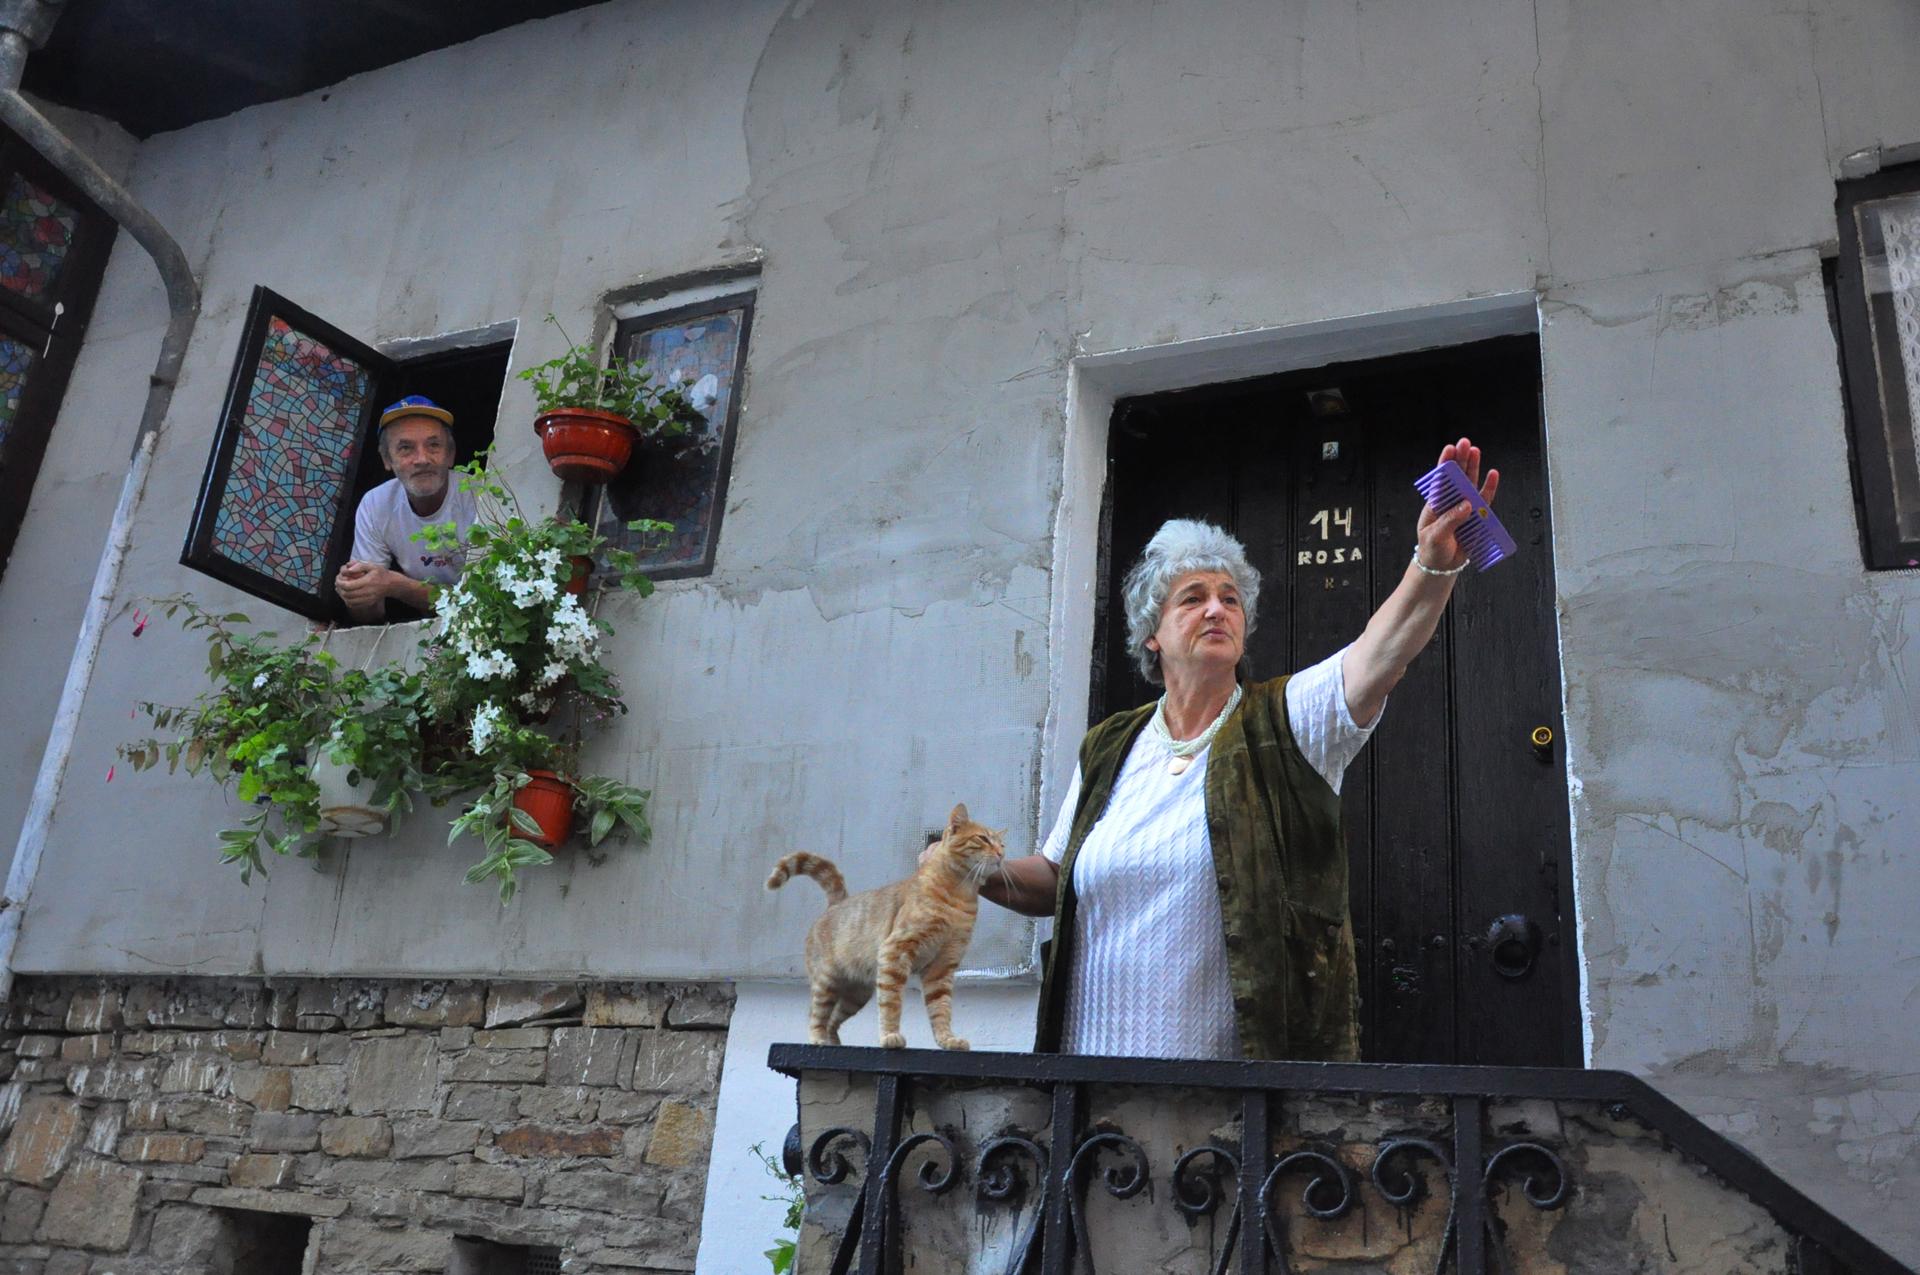 רוזה מרציפן - יואל שתרוג - אדמה יוצרת - אמור שלום - בולגריה